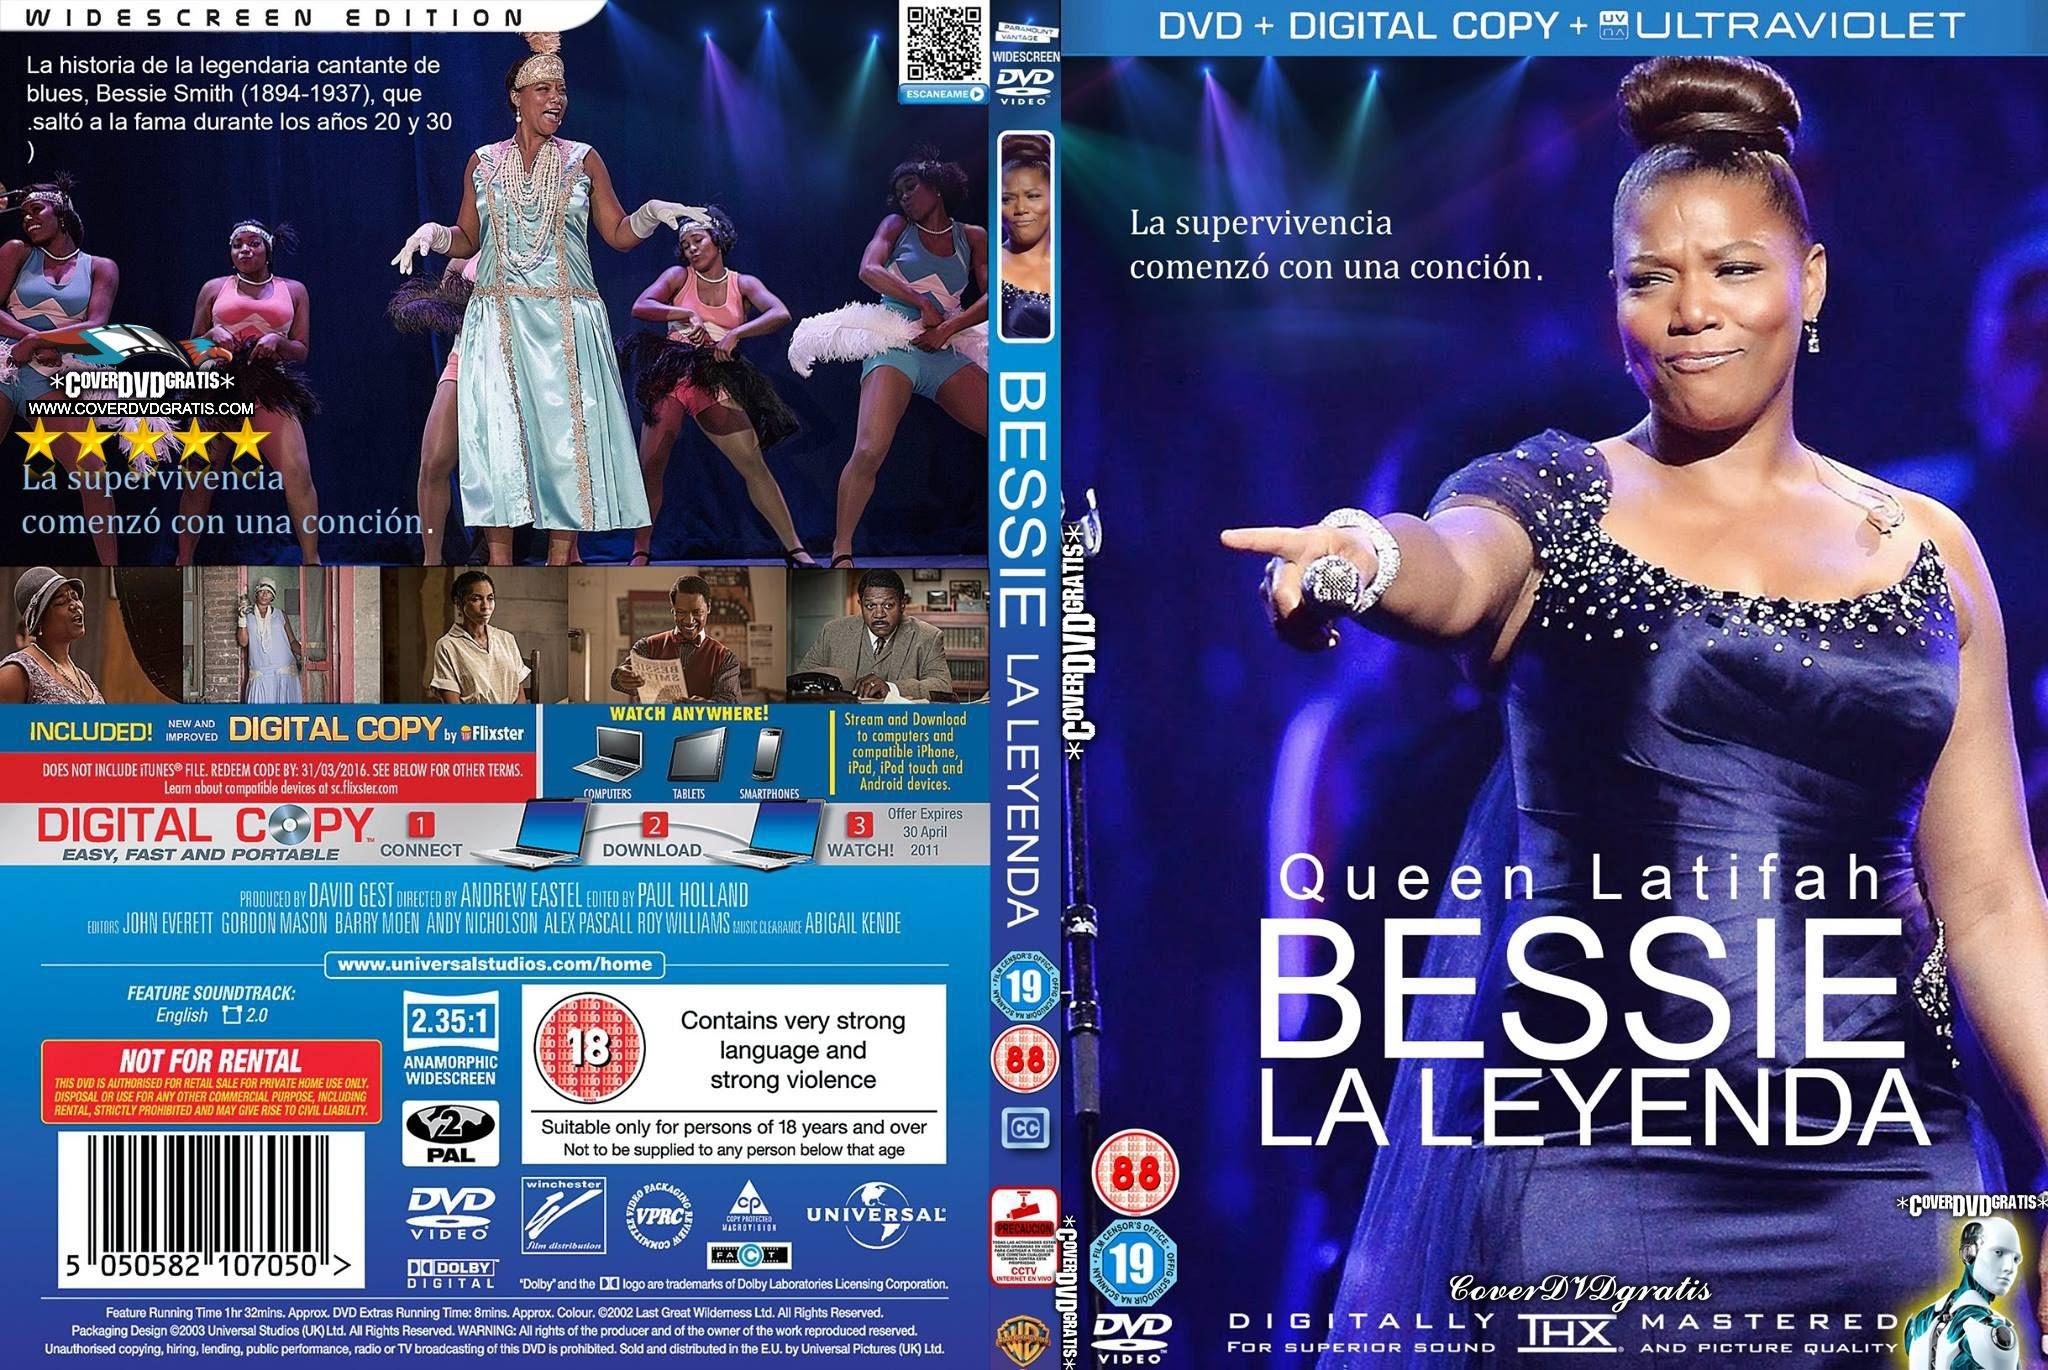 Queen latifah and tika sumpter bessie 2015 - 5 2